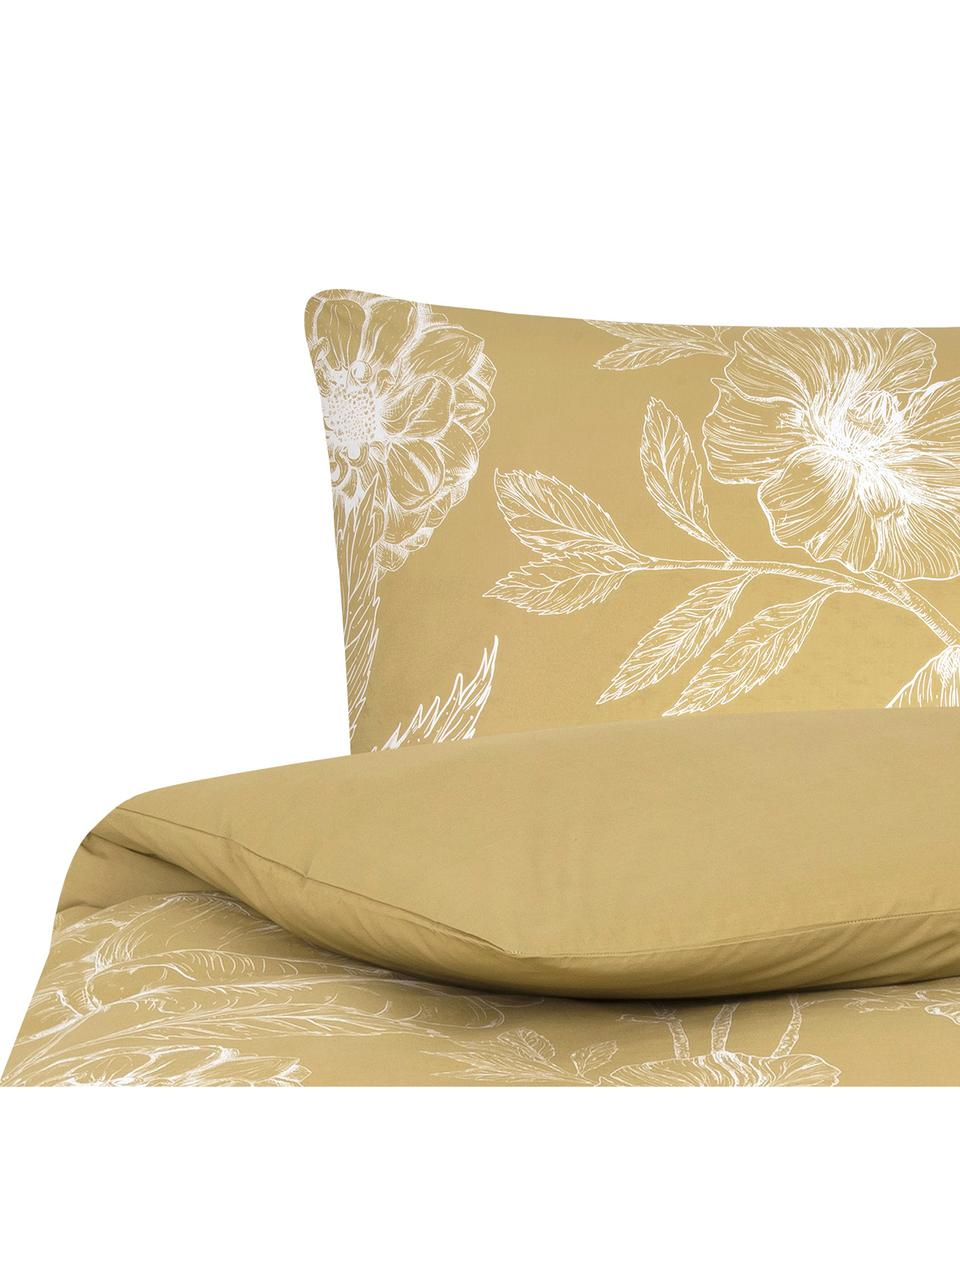 Baumwollperkal-Bettwäsche Keno mit Blumenprint, Webart: Perkal Fadendichte 180 TC, Senfgelb, Weiß, 135 x 200 cm + 1 Kissen 80 x 80 cm